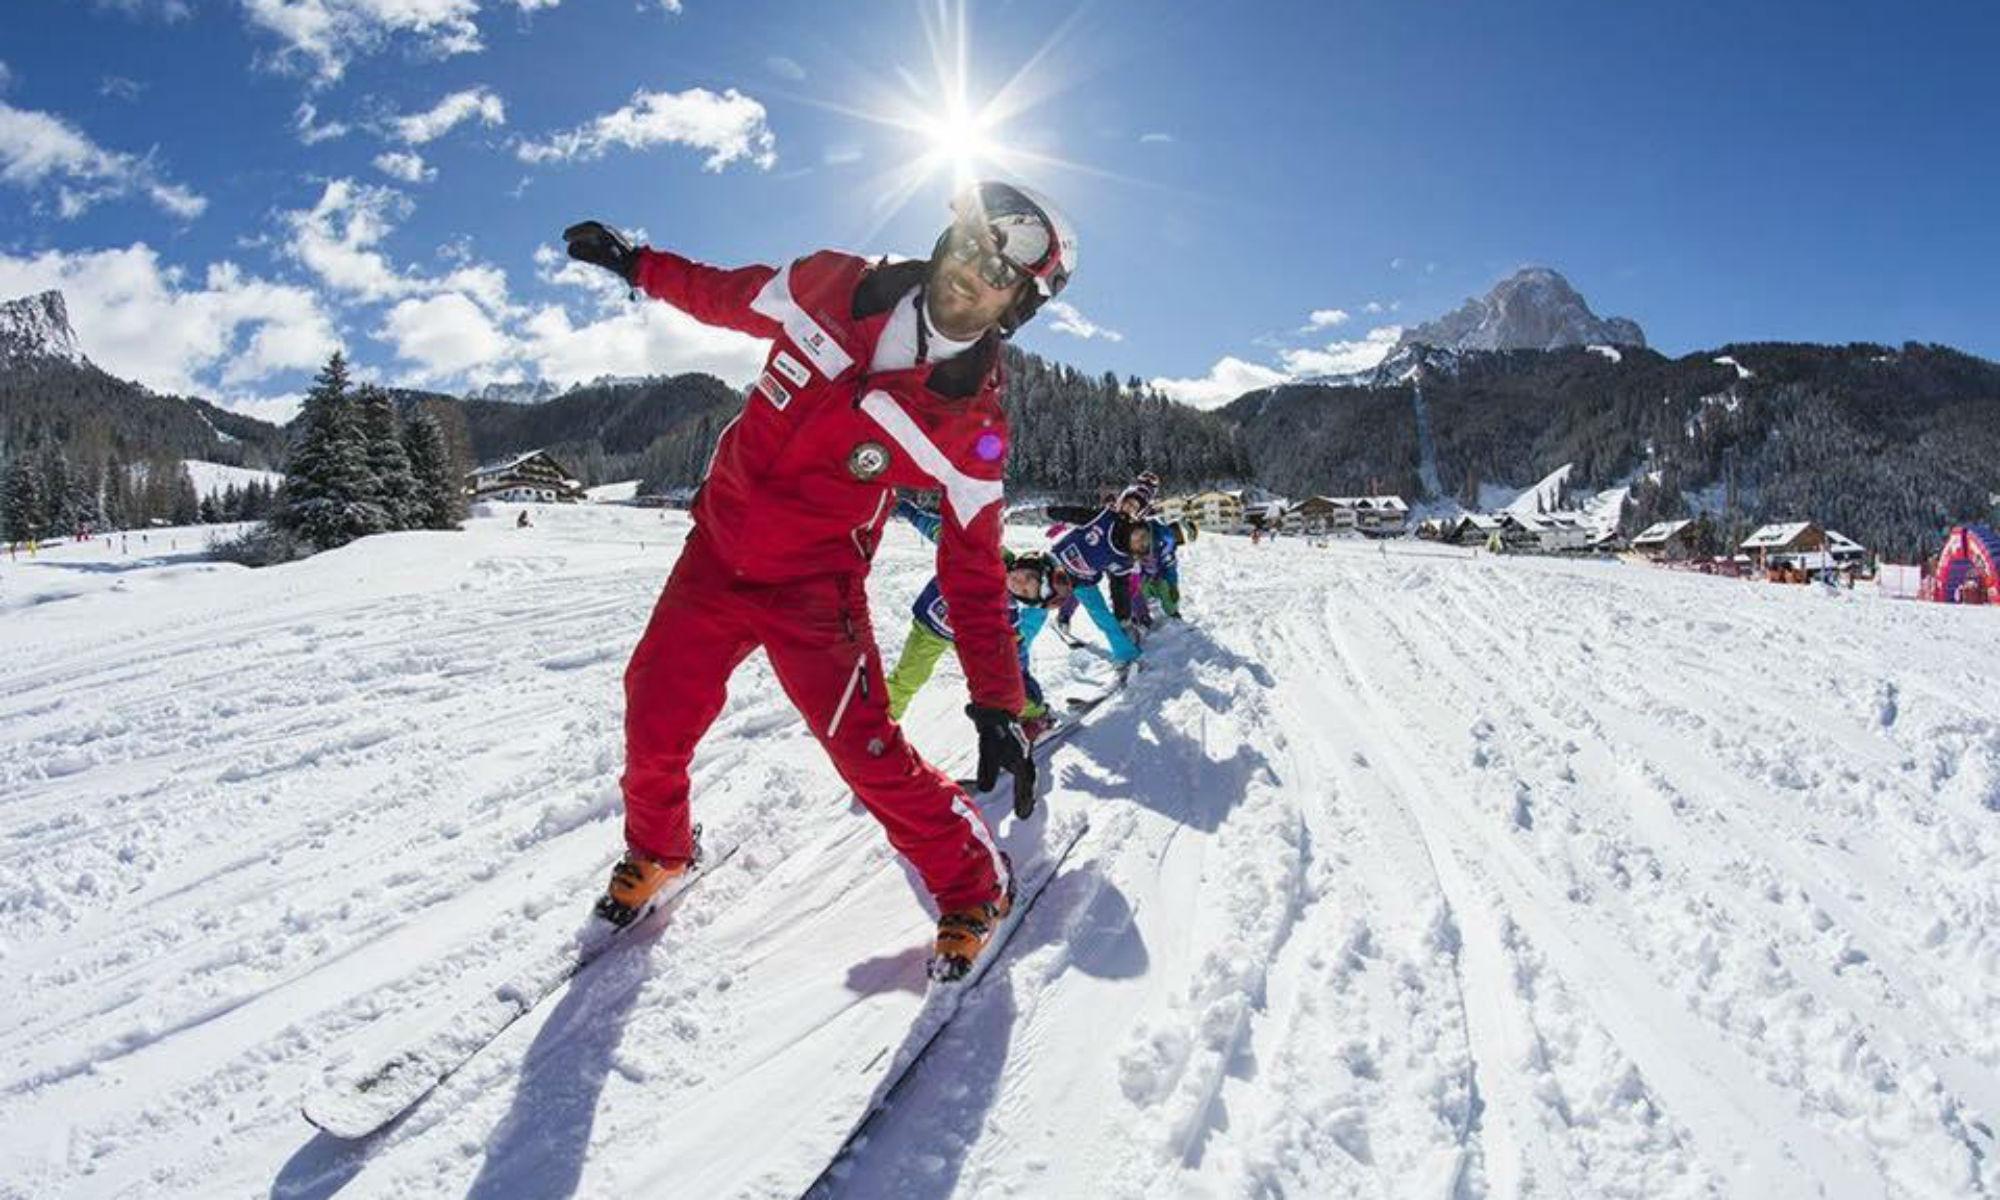 Skilehrer beim Skiunterricht mit mehreren Kindern auf einer sonnigen Piste im Skigebiet Wolkenstein.